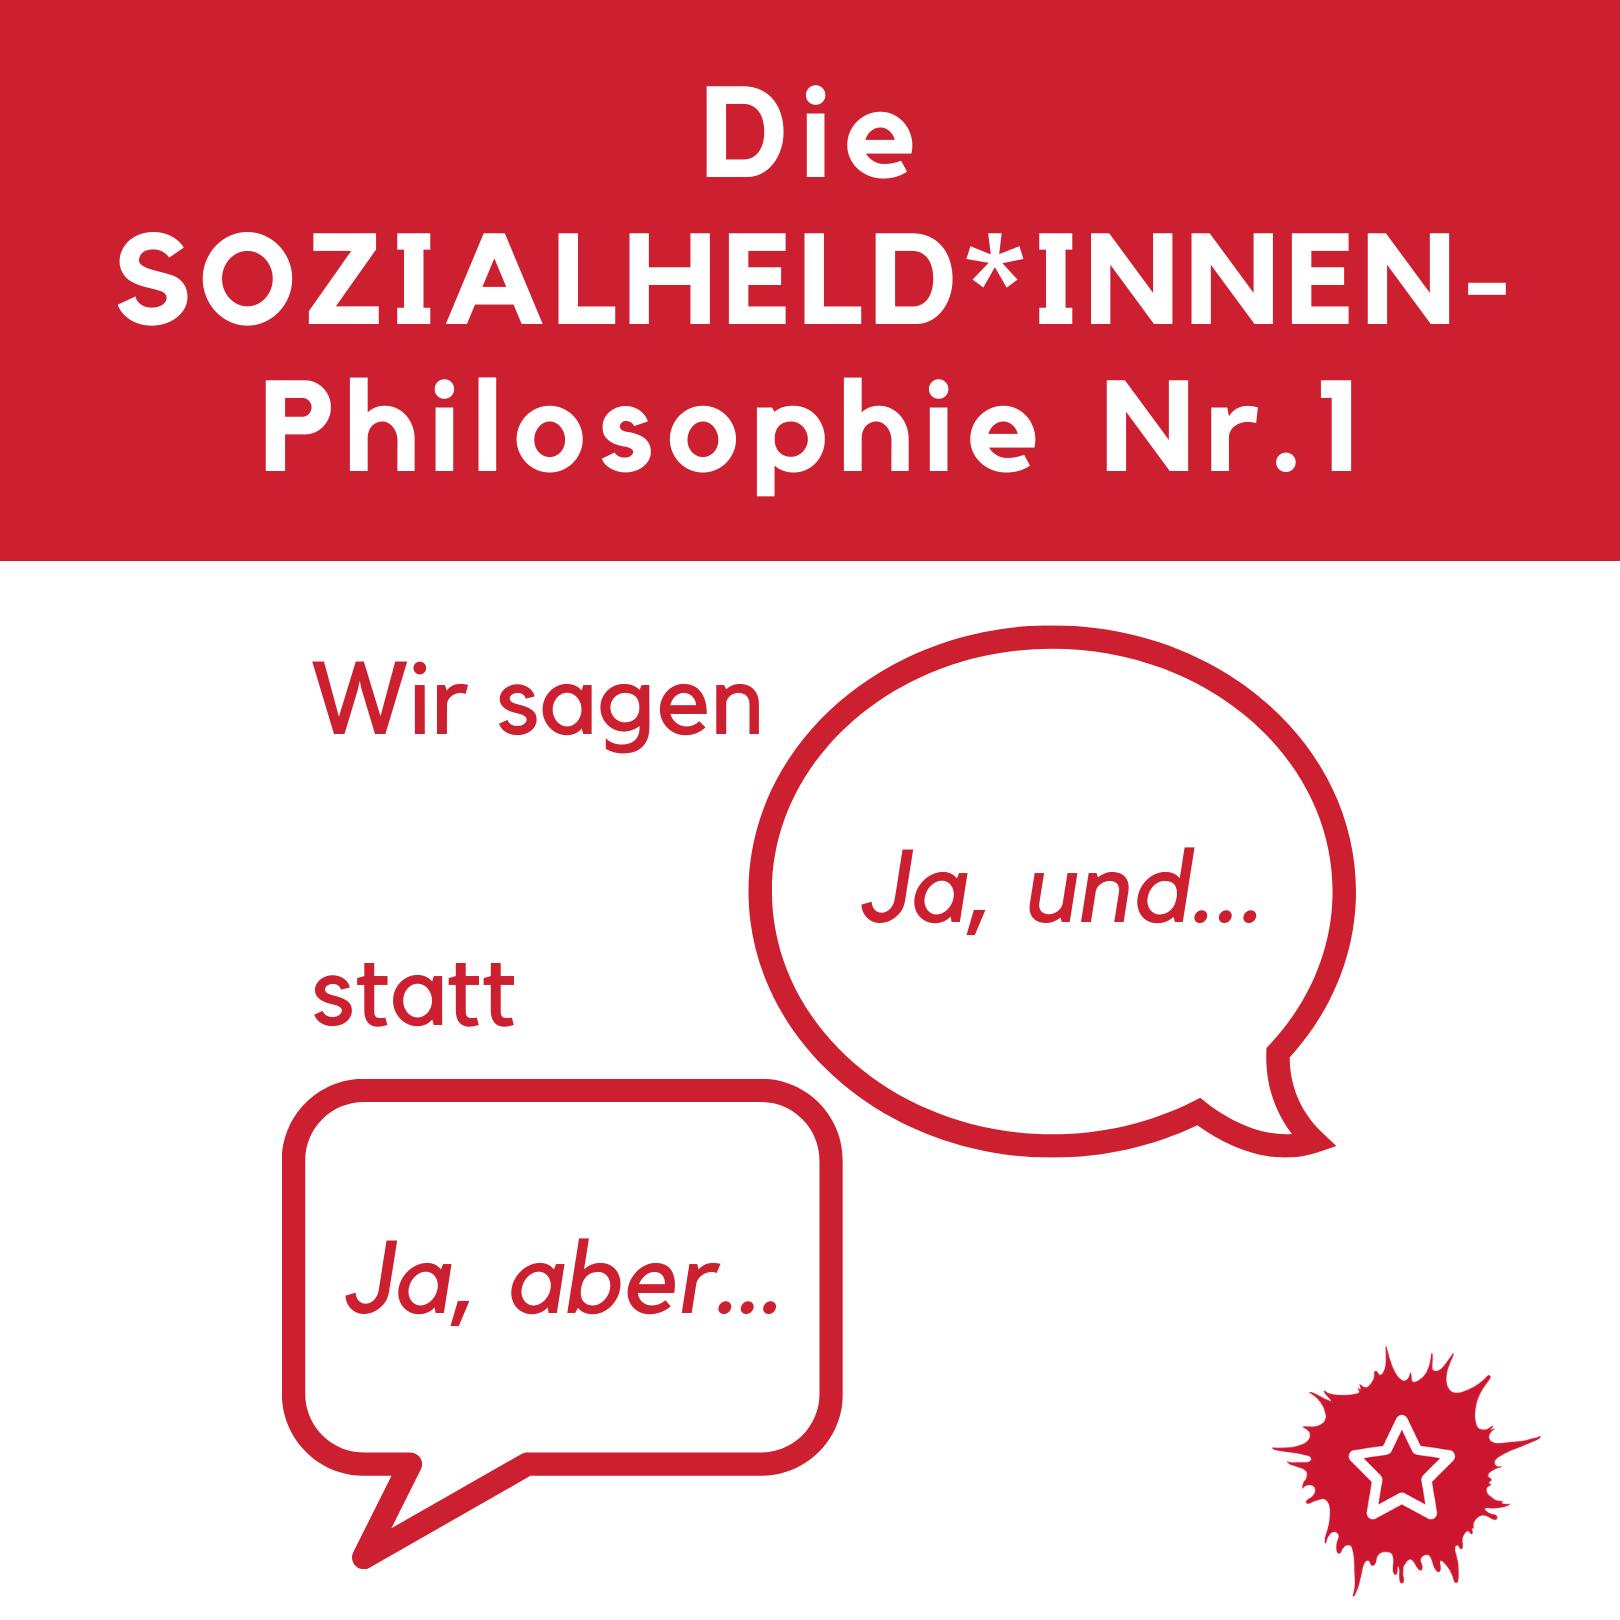 """Oben weiße Überschrift auf rotem Hintergrund: Die Sozialheld*innen-Philosopie Nr. 1. Darunter in roter Schrift auf weißem Hintergrund in Sprechblasen: Wir sagen """"Ja, und…"""" statt """"Ja, aber""""."""